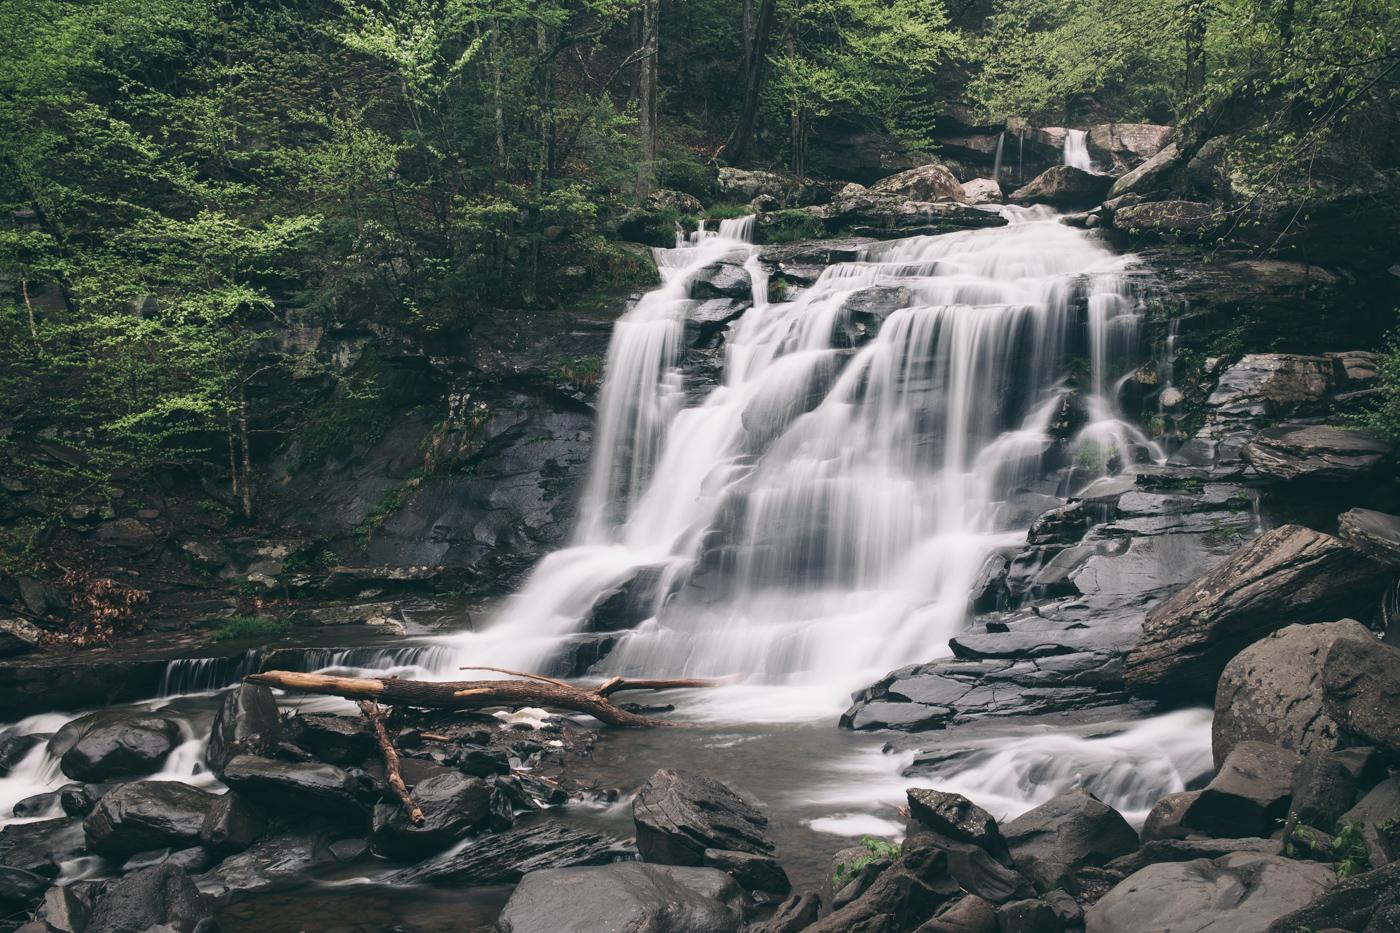 Bastion Falls - Greene County, NY